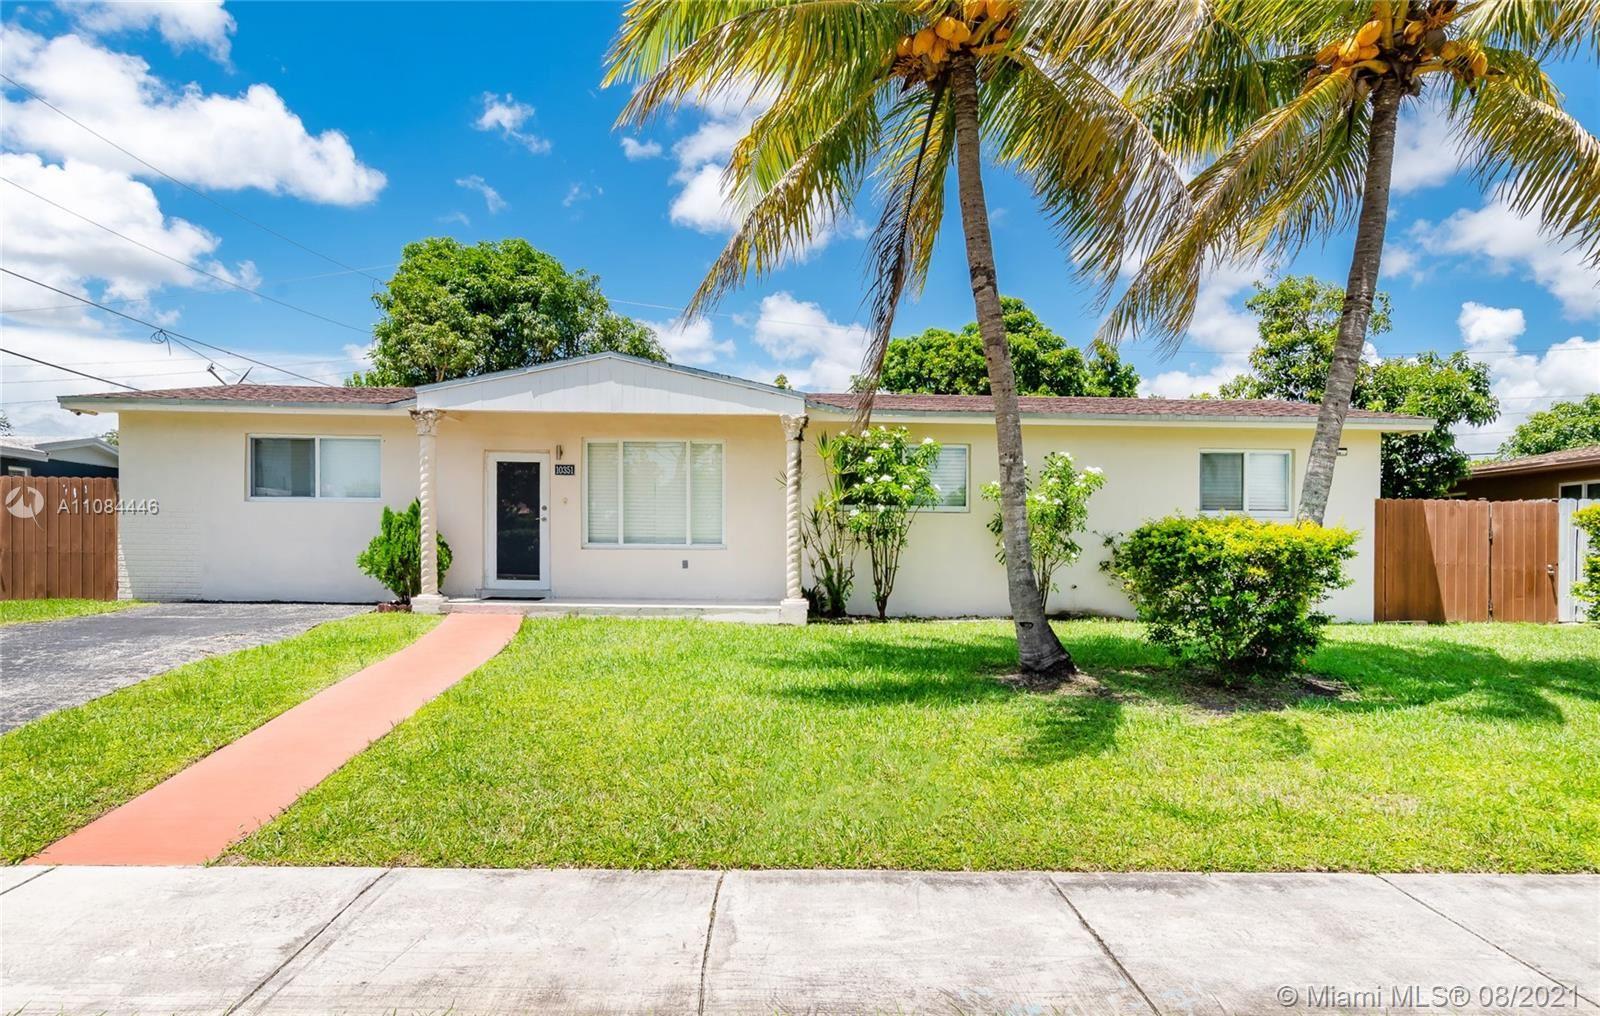 10351 SW 156th St, Miami, FL 33157 - #: A11084446